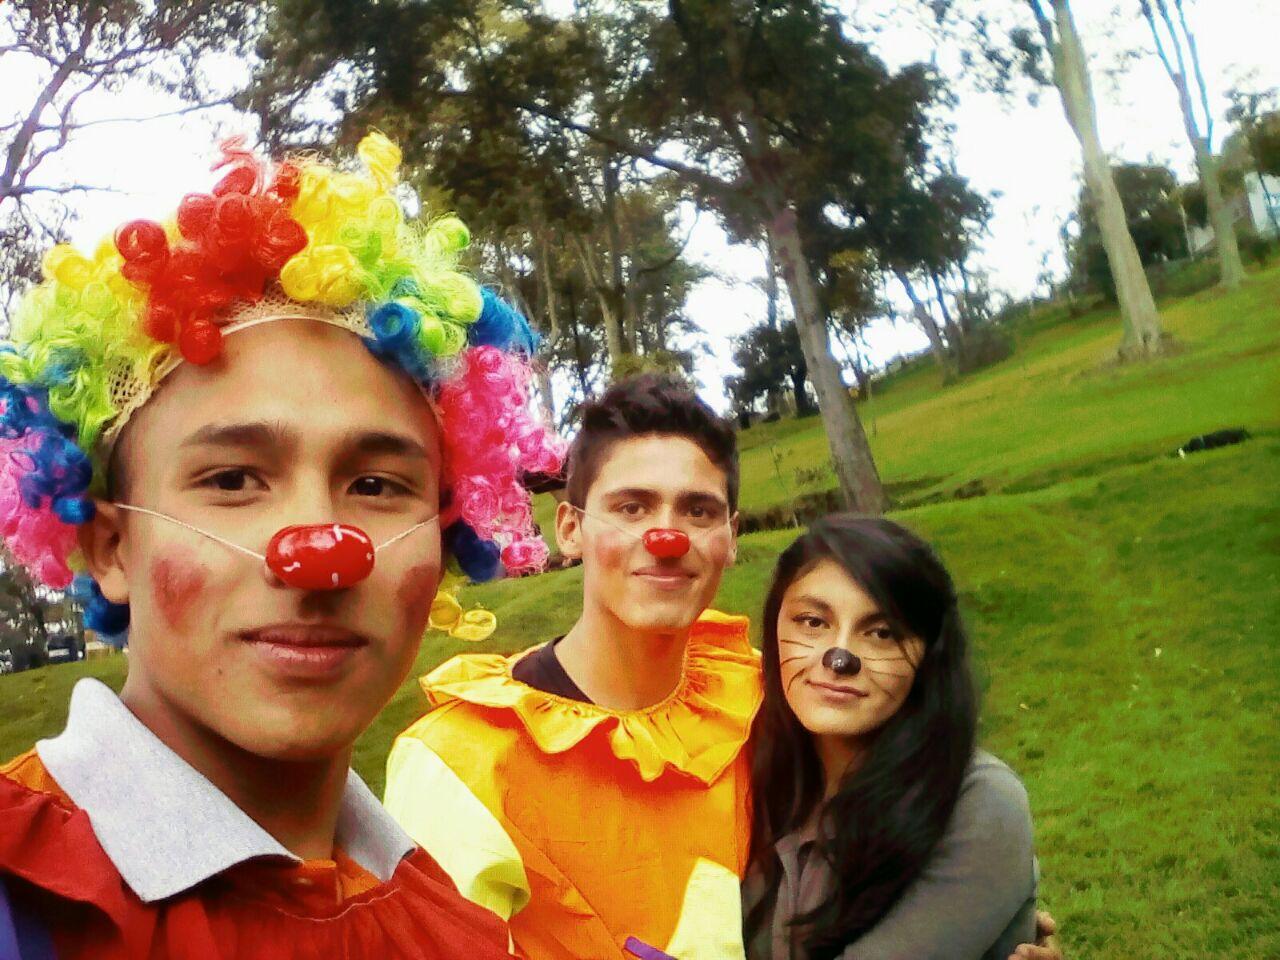 Fiestas Infantiles Recreacion (2)